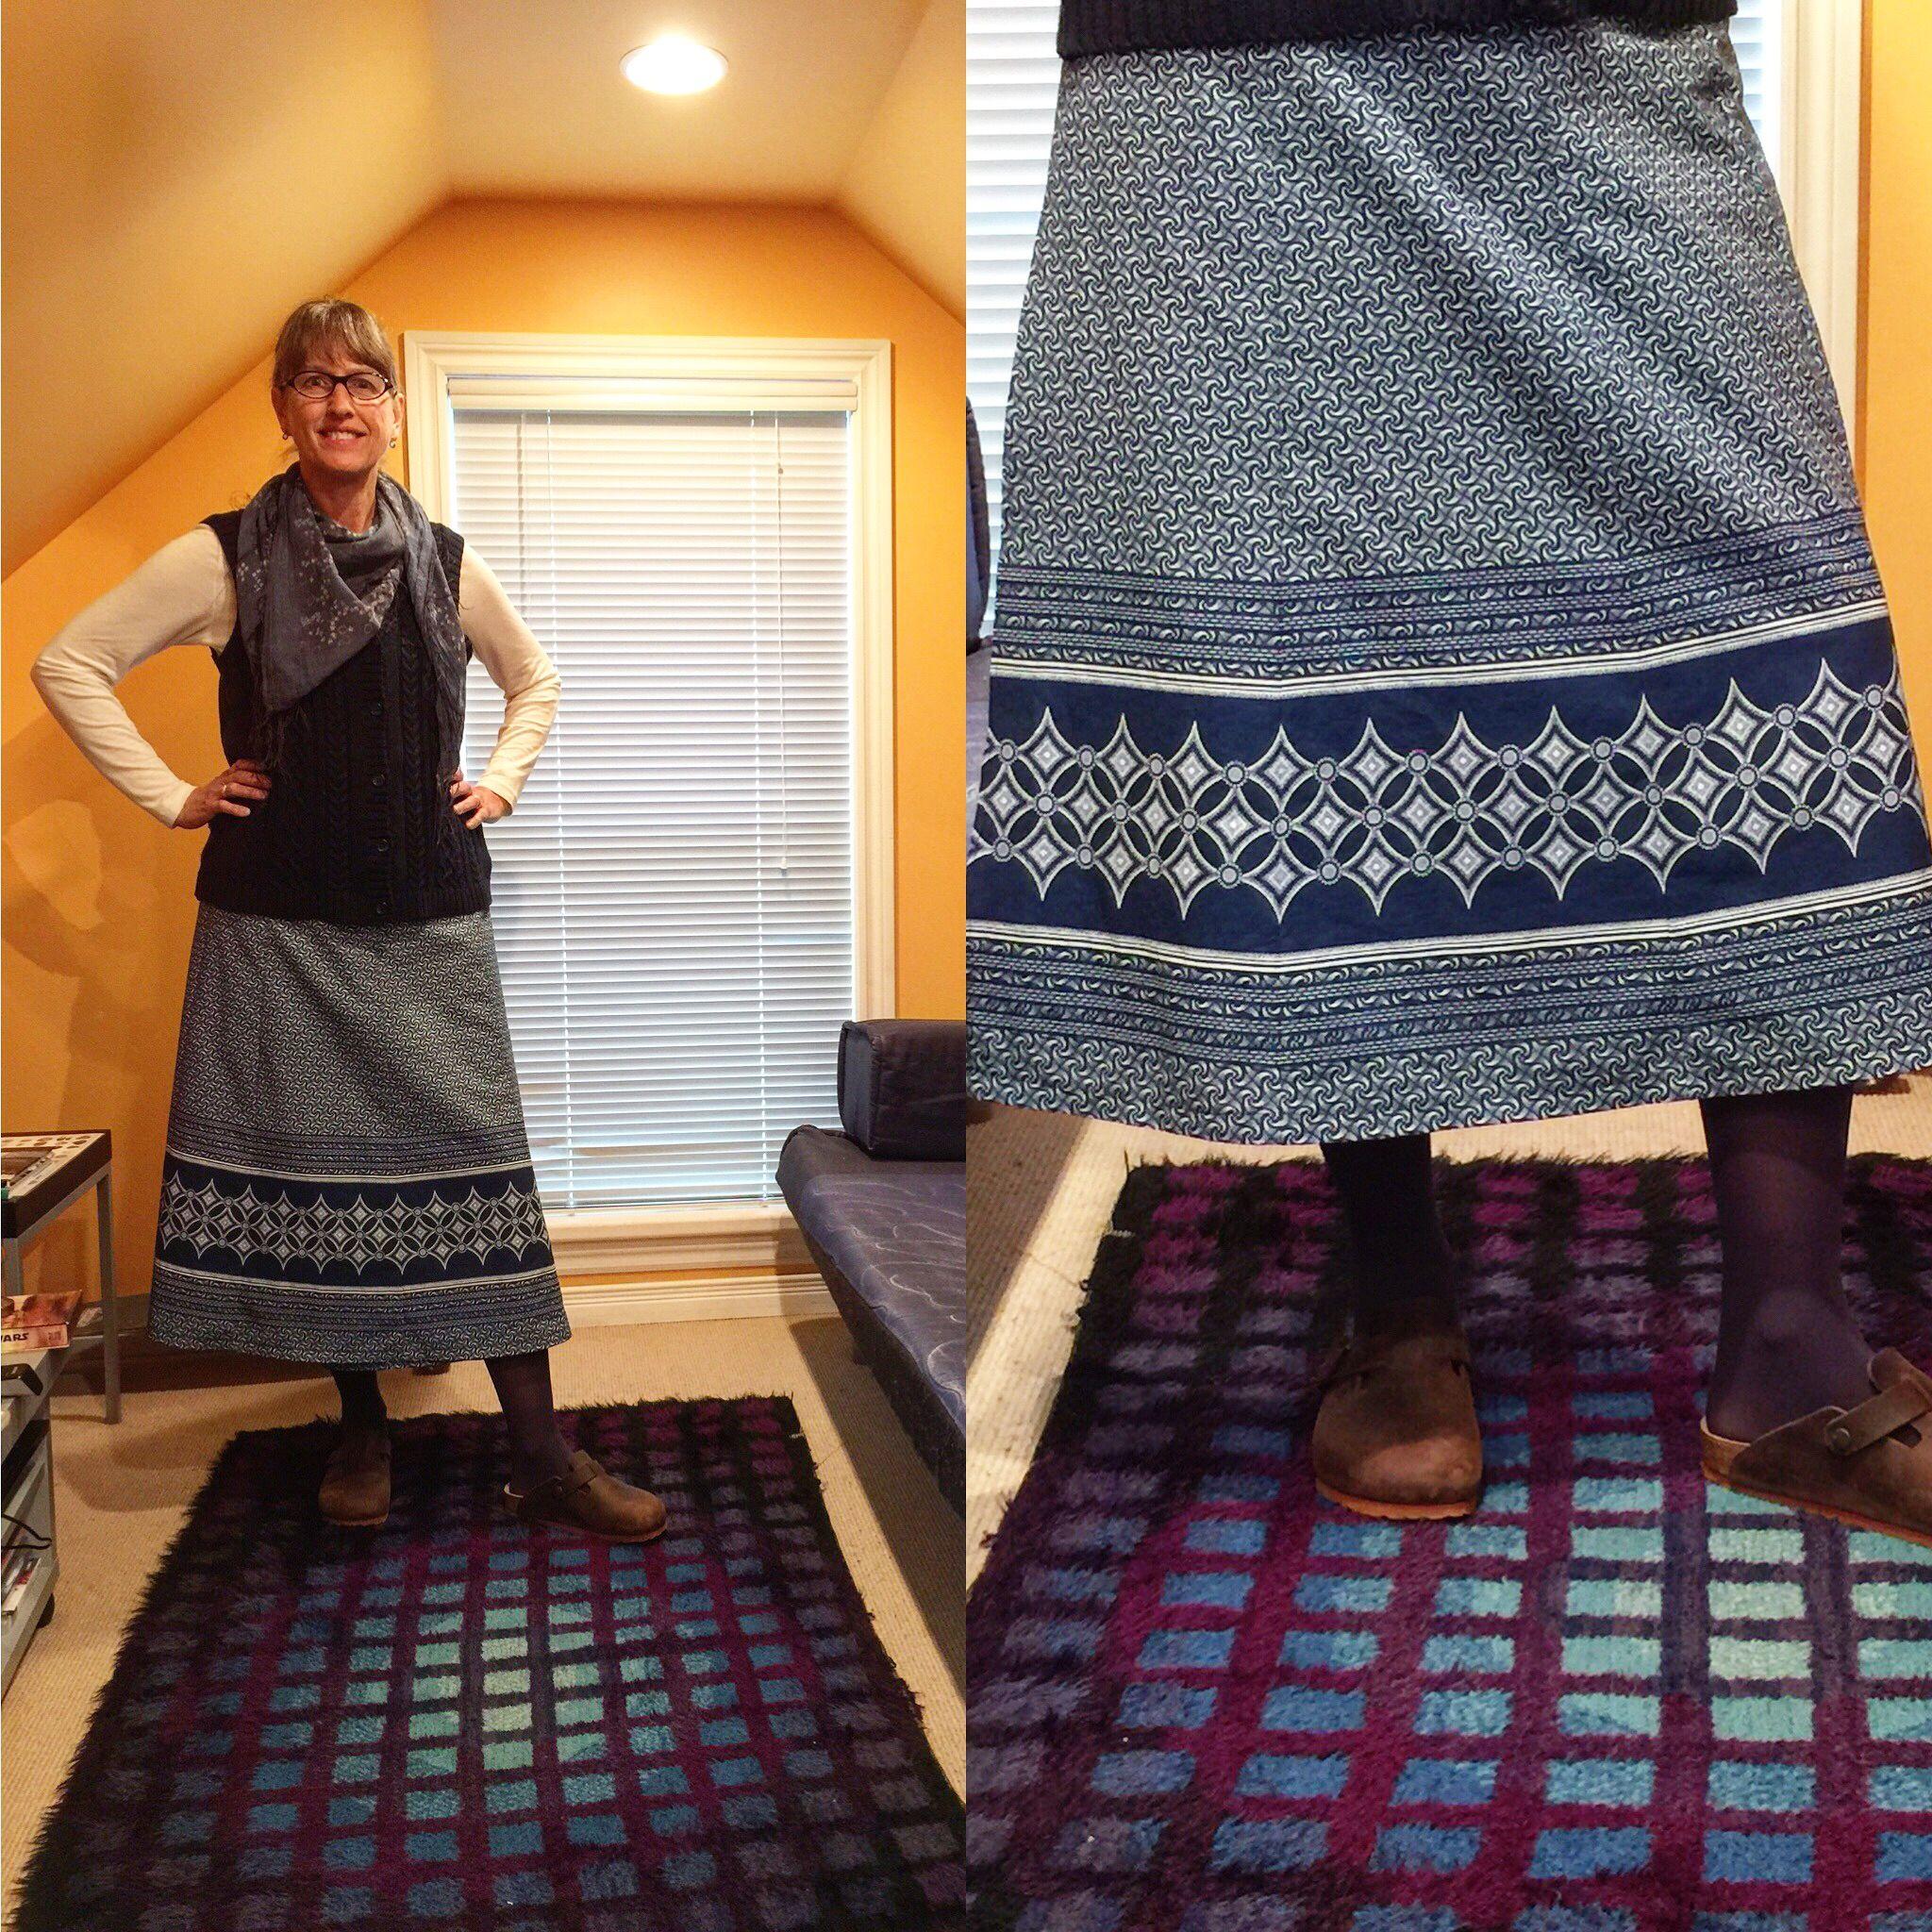 Shweshwe wraparound skirt made of preprinted panels